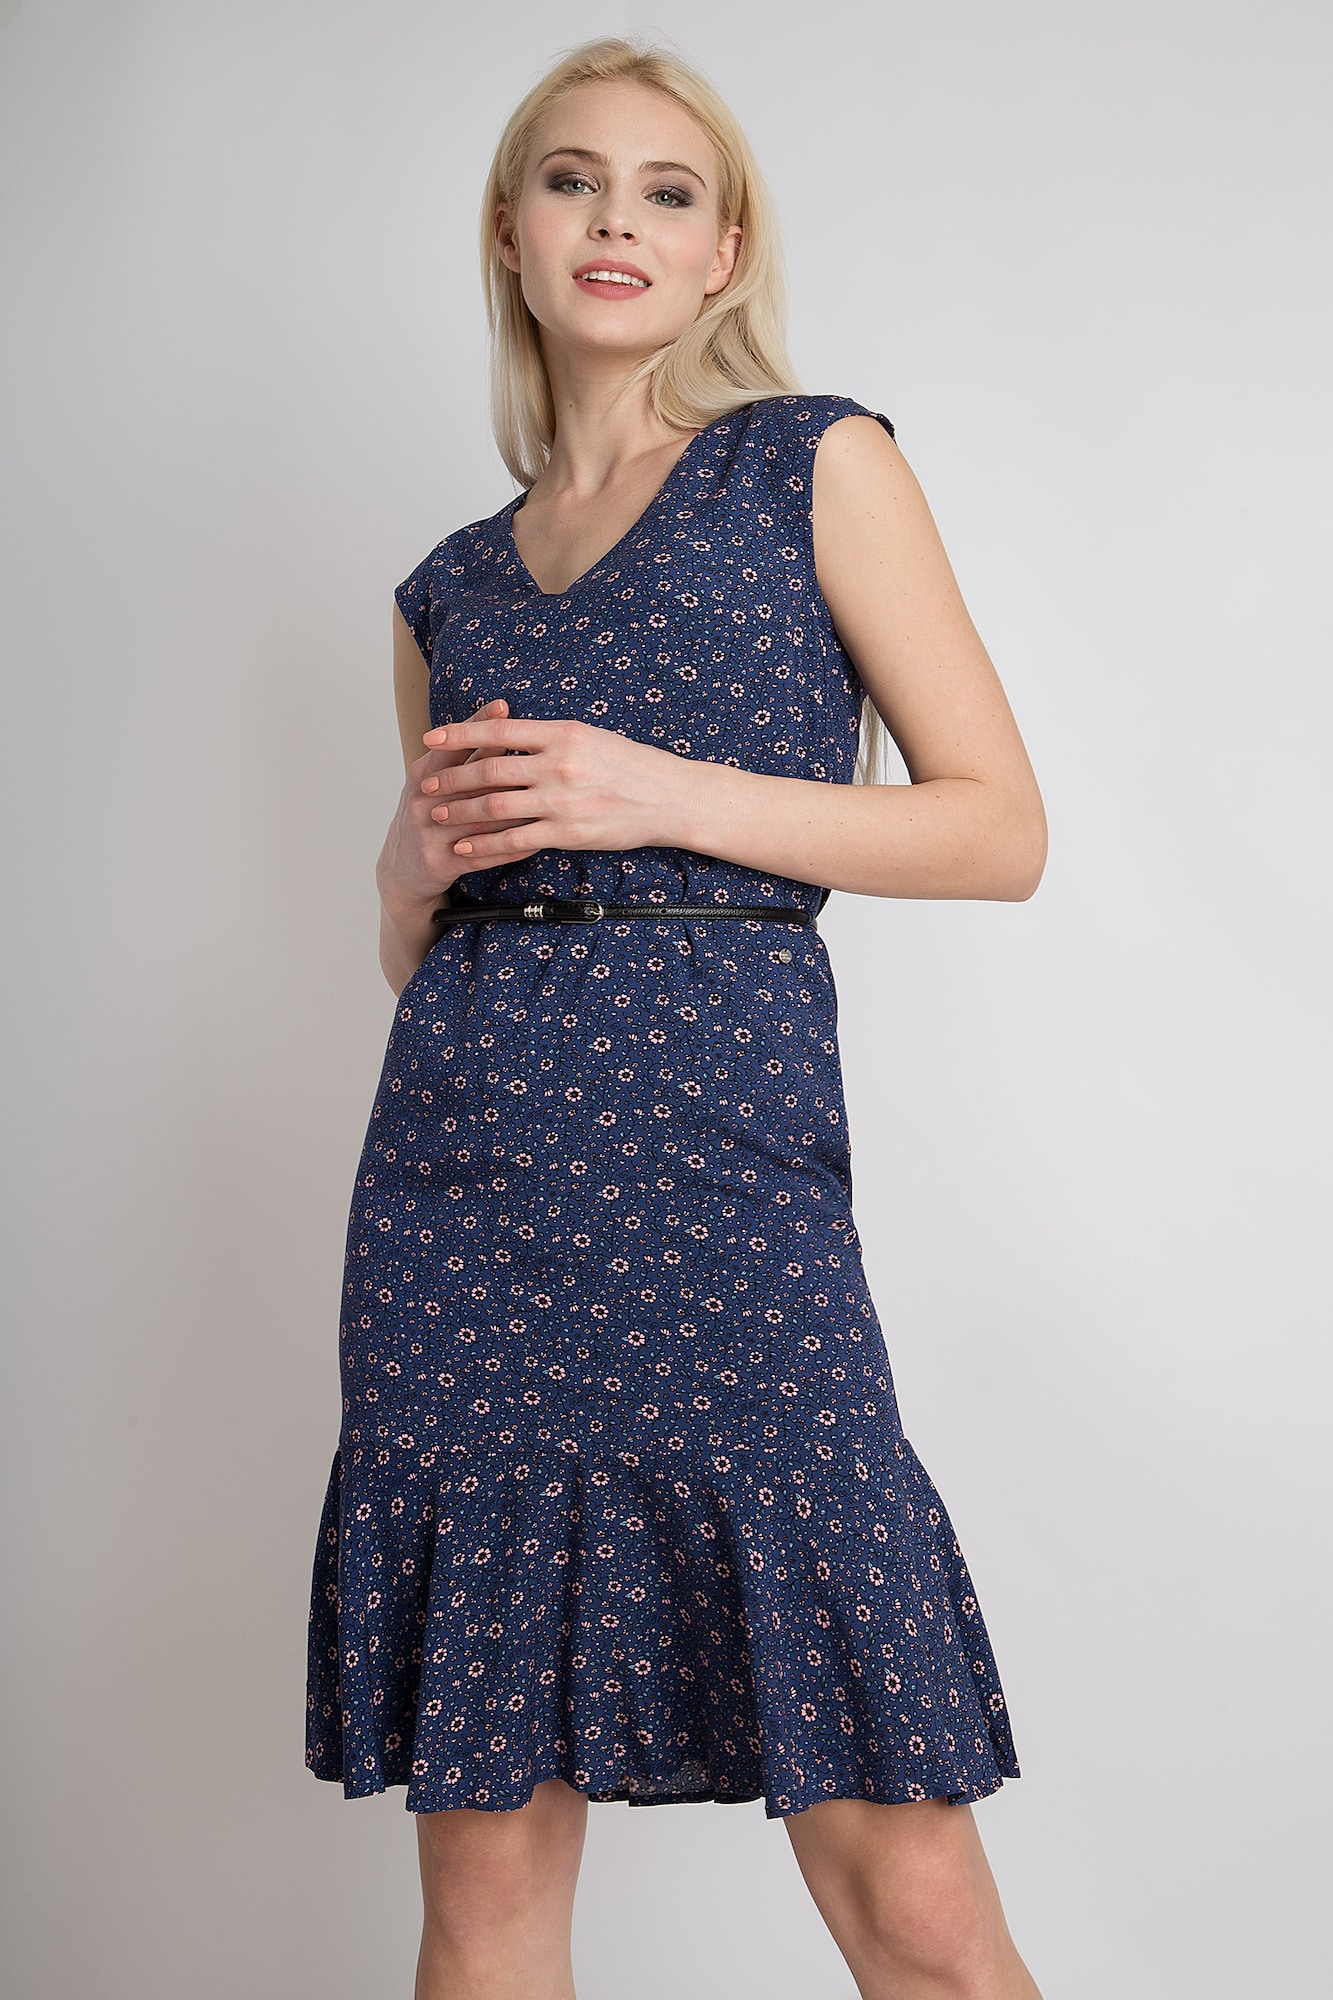 Sommerkleid mit bezauberndem Blumenprint   Bekleidung > Kleider > Sommerkleider   Blau   Finn Flare